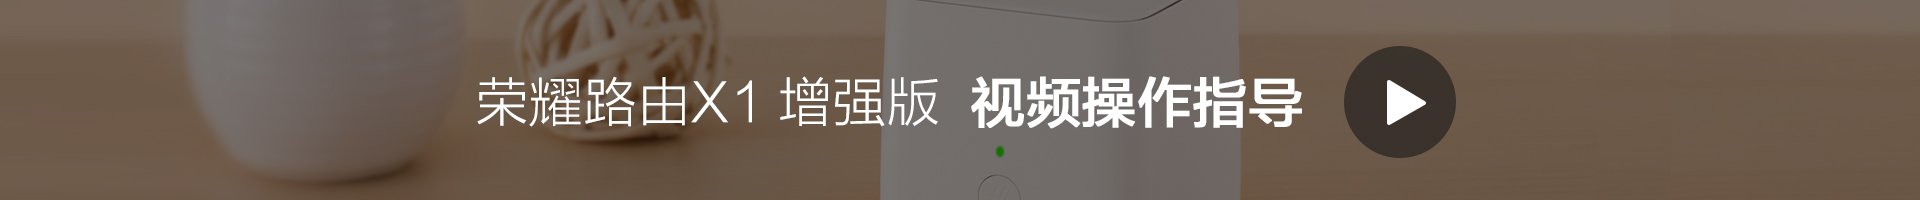 9-荣耀路由X1-增强版.jpg